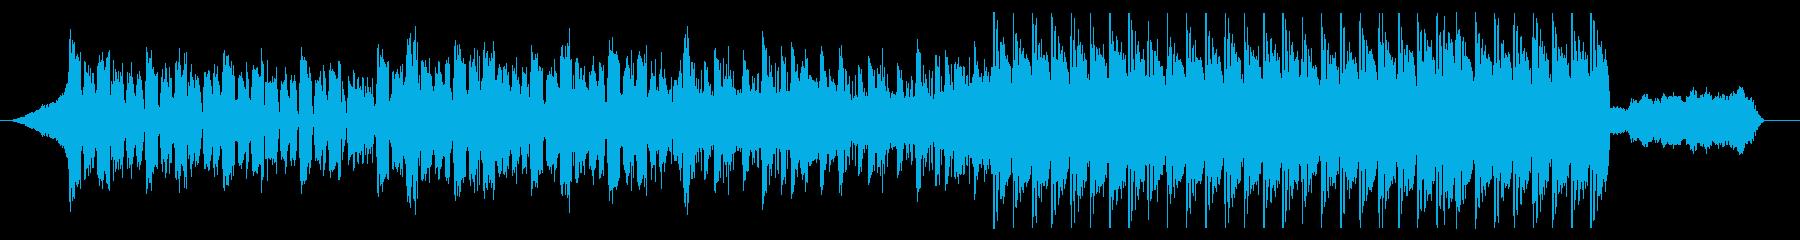 海外風でプリミティブなイメージのエレクトの再生済みの波形